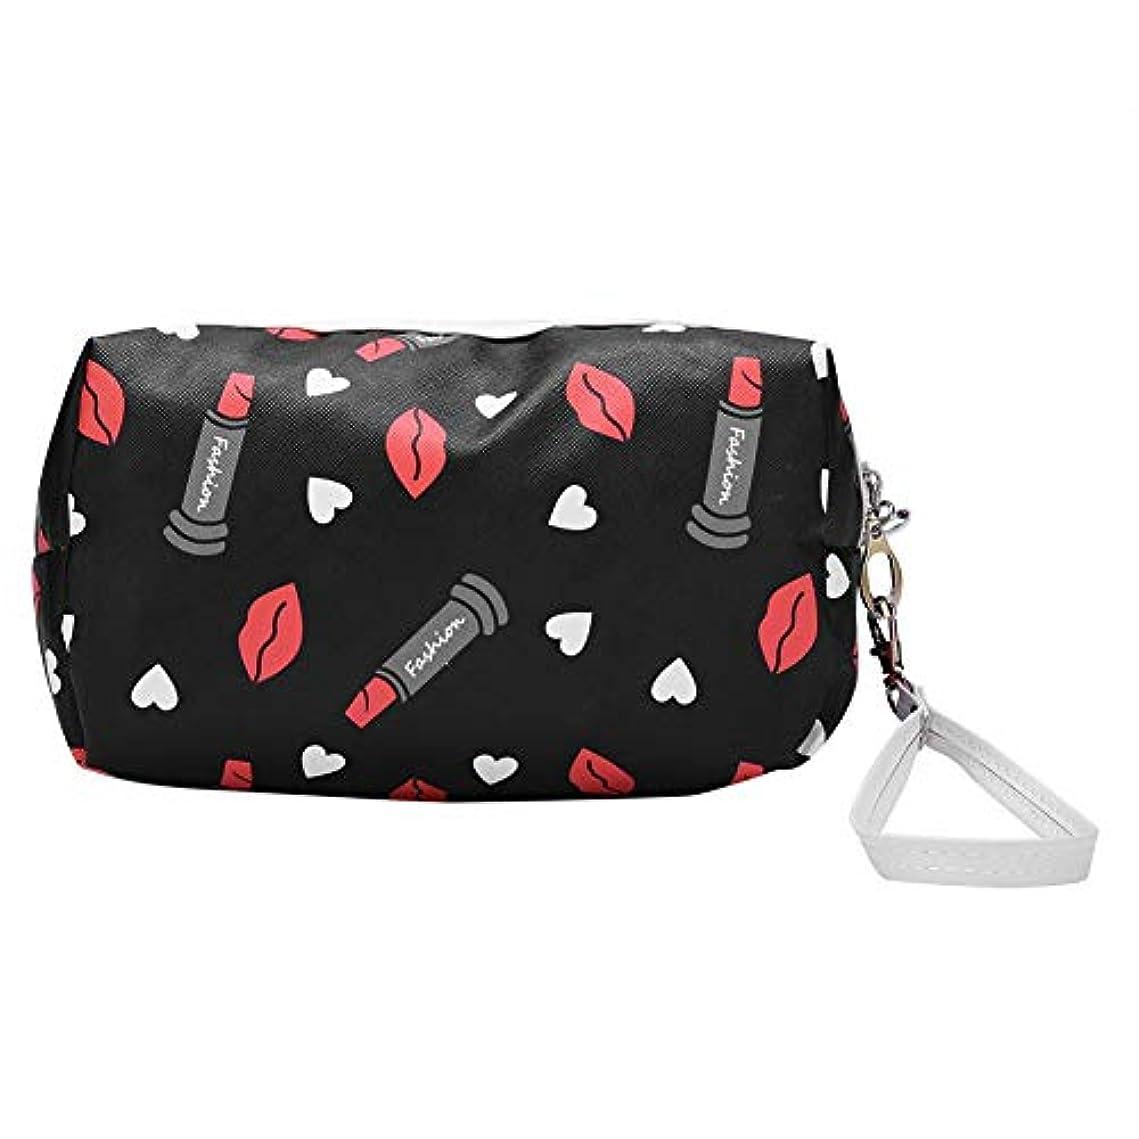 インペリアル超えるに対応ファッショナブルな化粧品バッグポータブル旅行メイクストレージ容器PUレザーウォッシュバッグ(02)